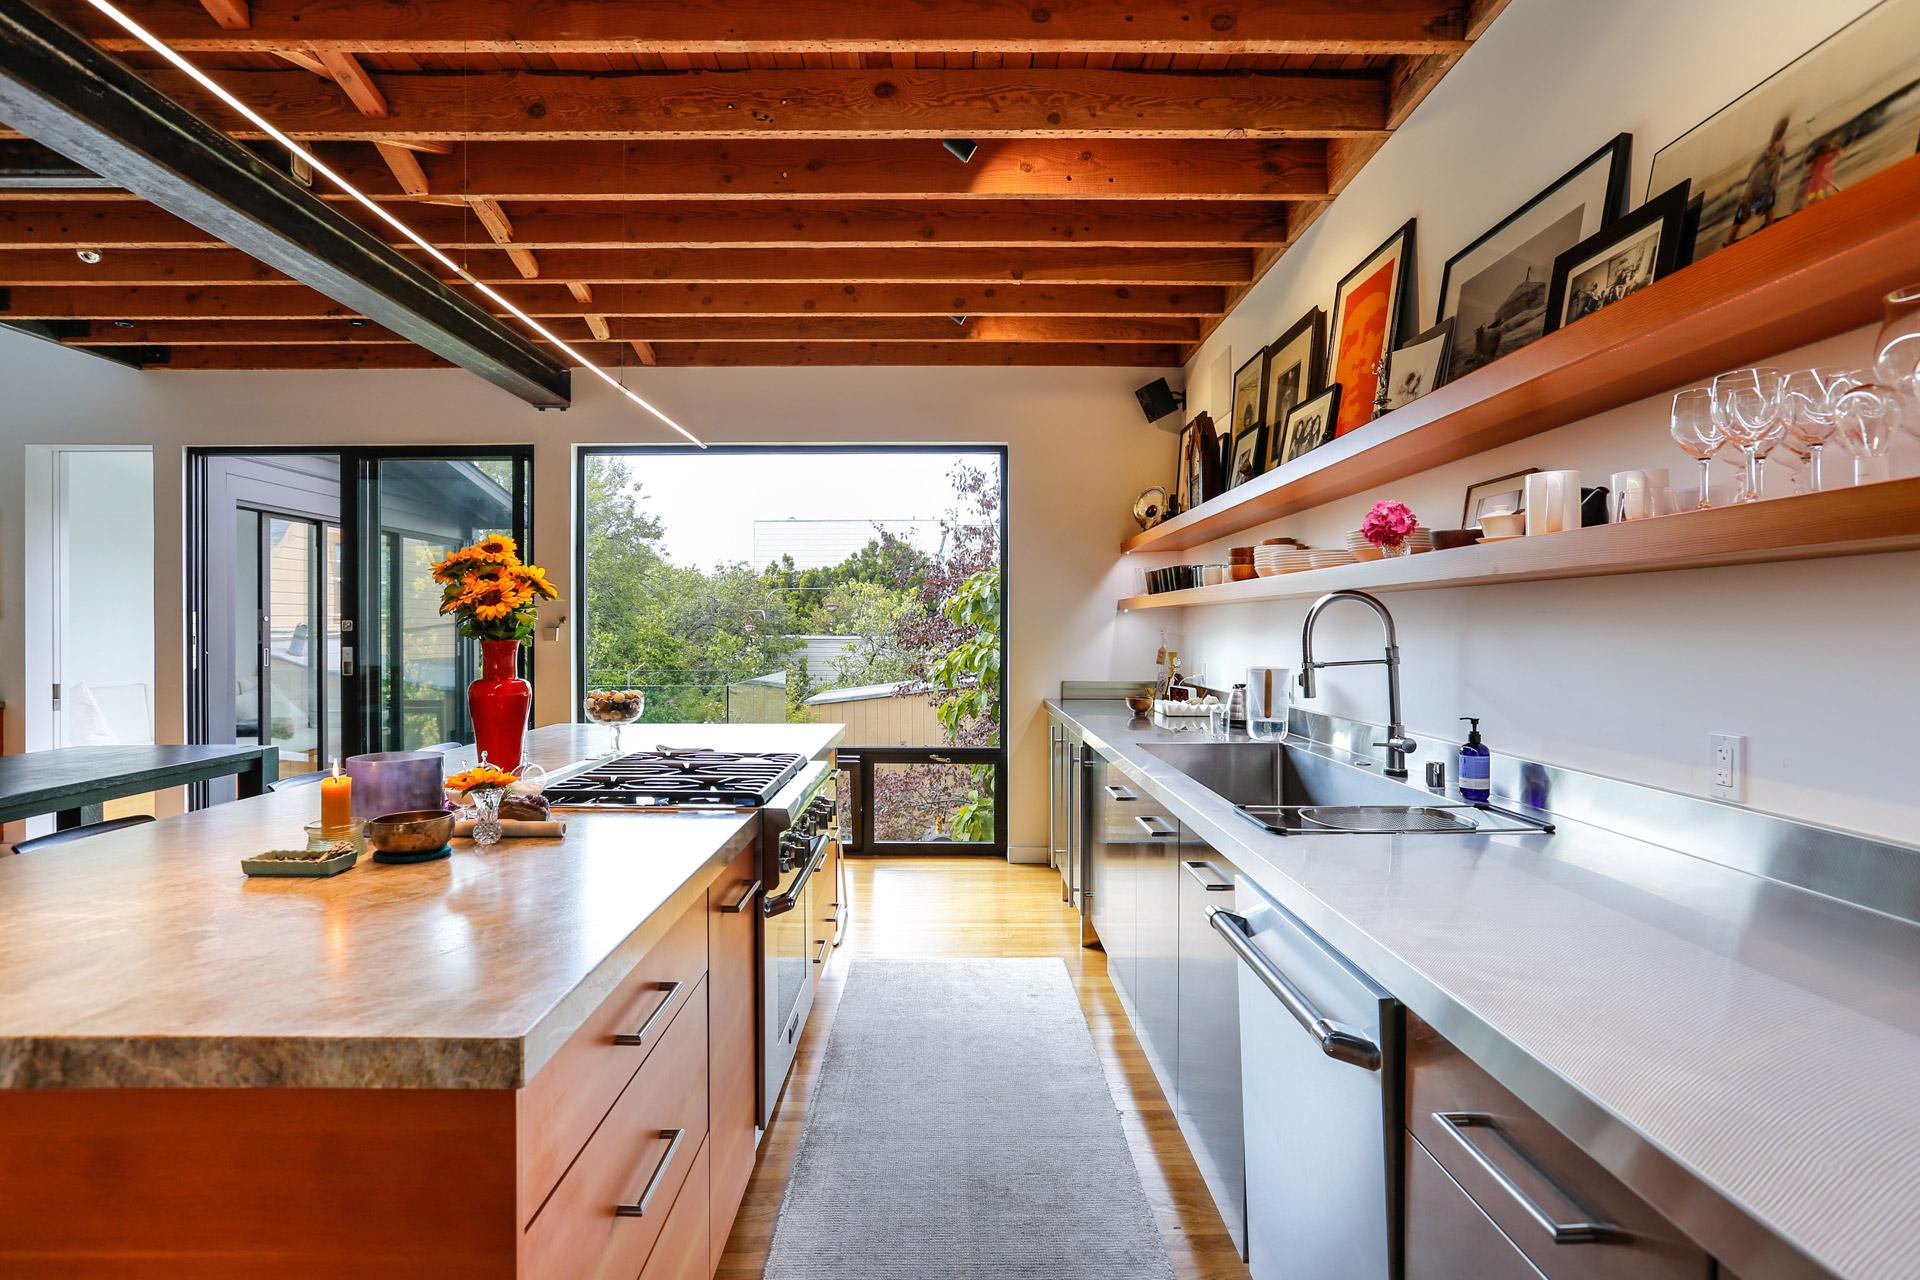 Balboa Residence for sale